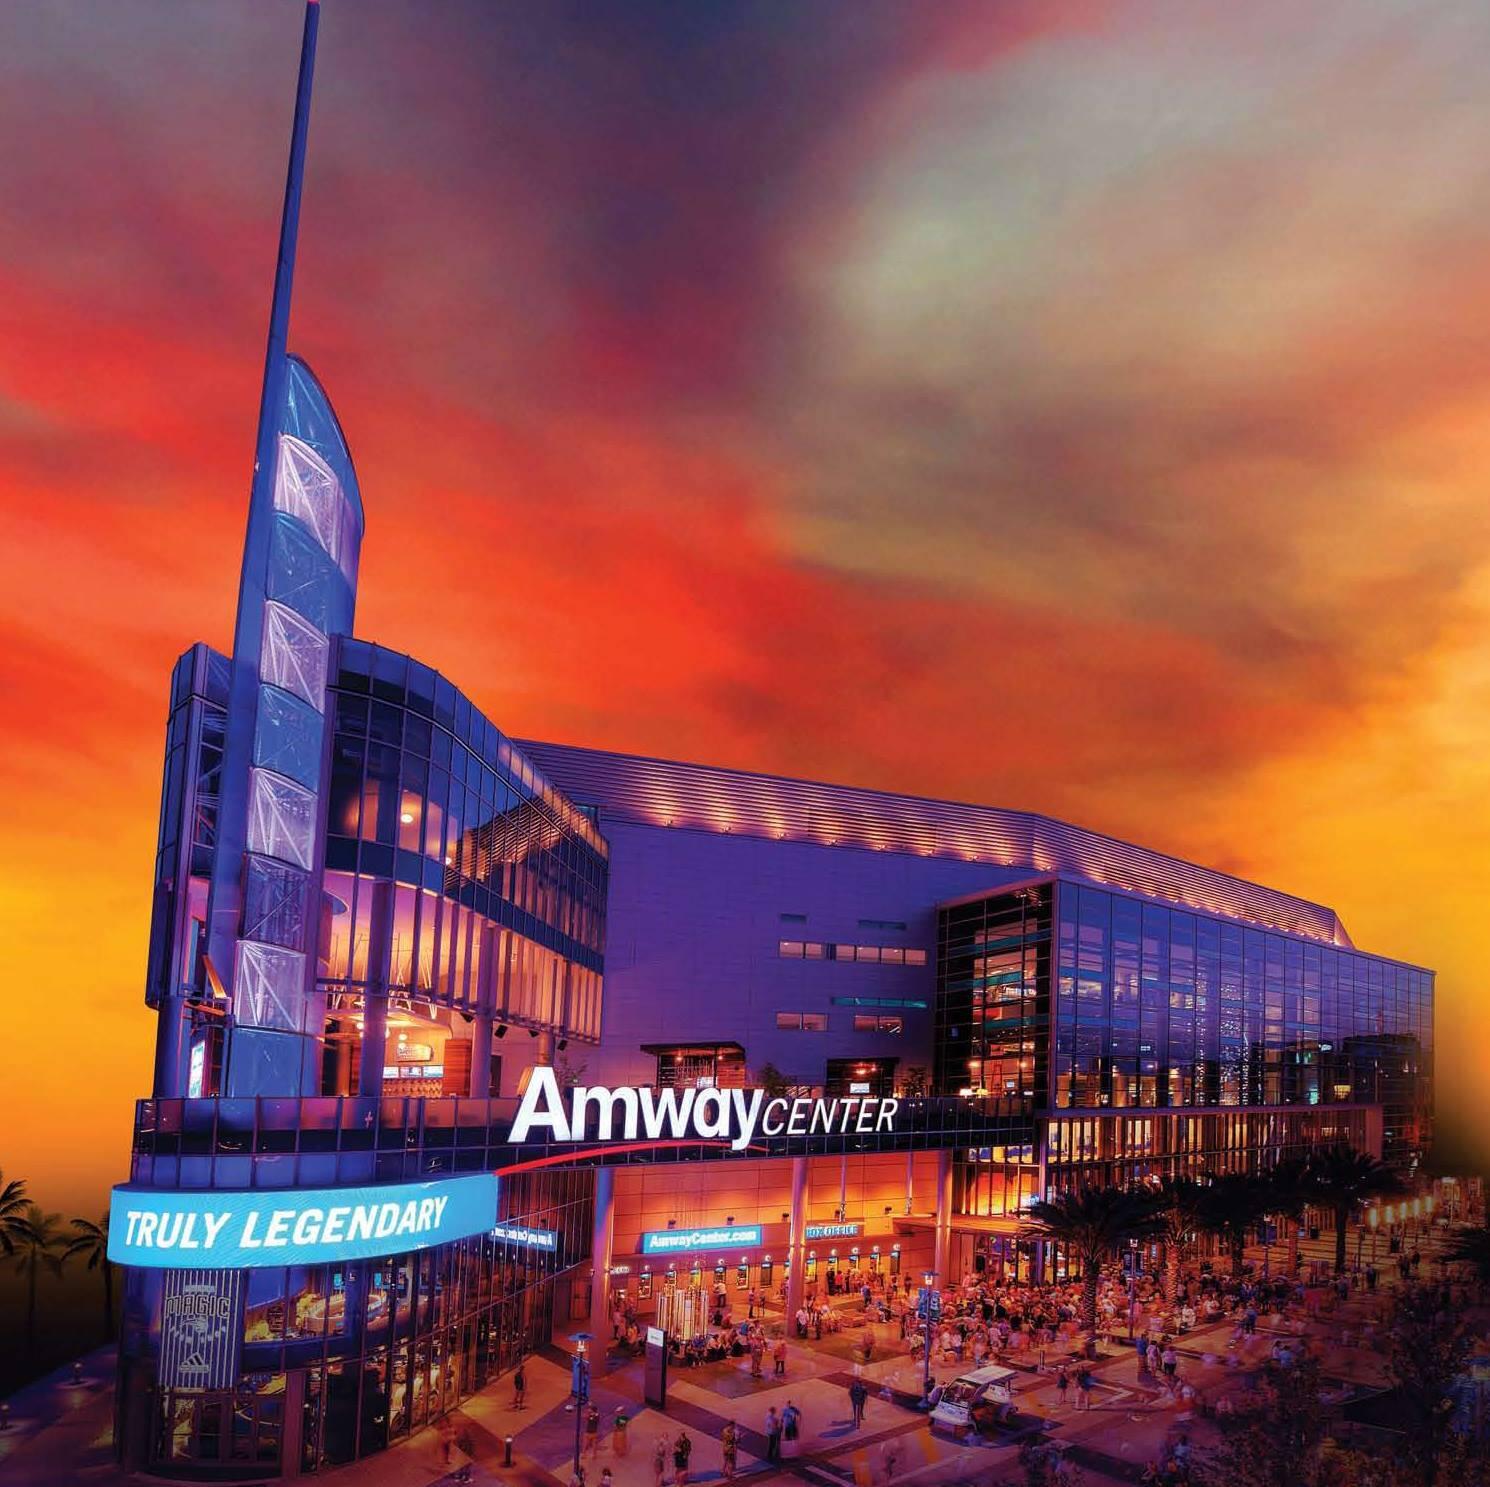 O Amway Center sedia shows e outros eventos como lutas da WWE, além de ser a casa do time da NBA Orlando Magic. Foto: Reprodução/Facebook